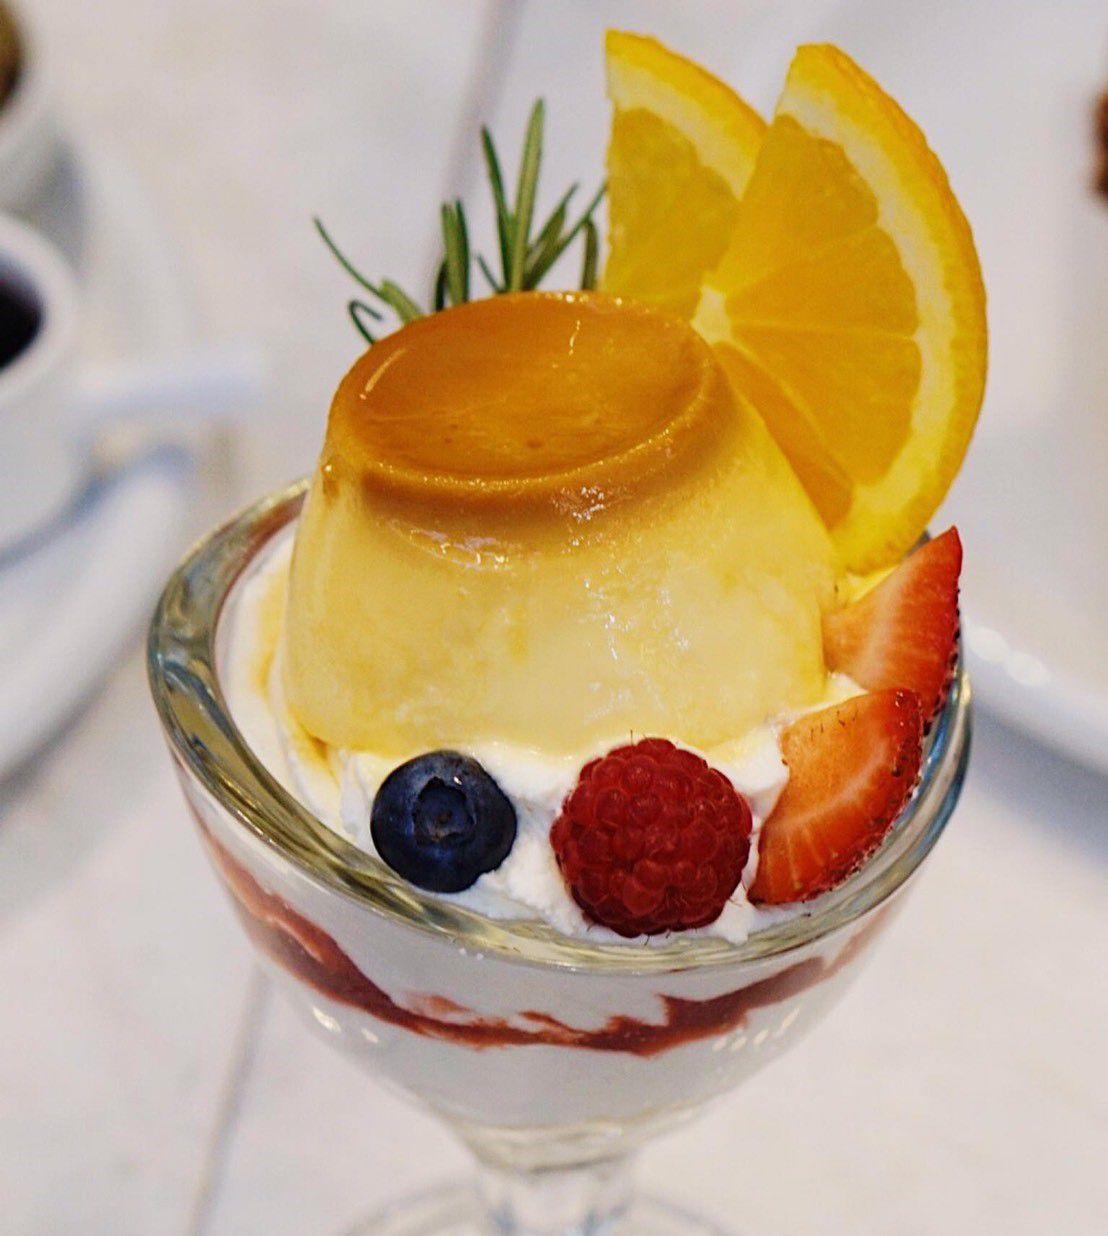 พุดดิ้ง LeTAO Cafe Thailand จากญี่ปุ่น